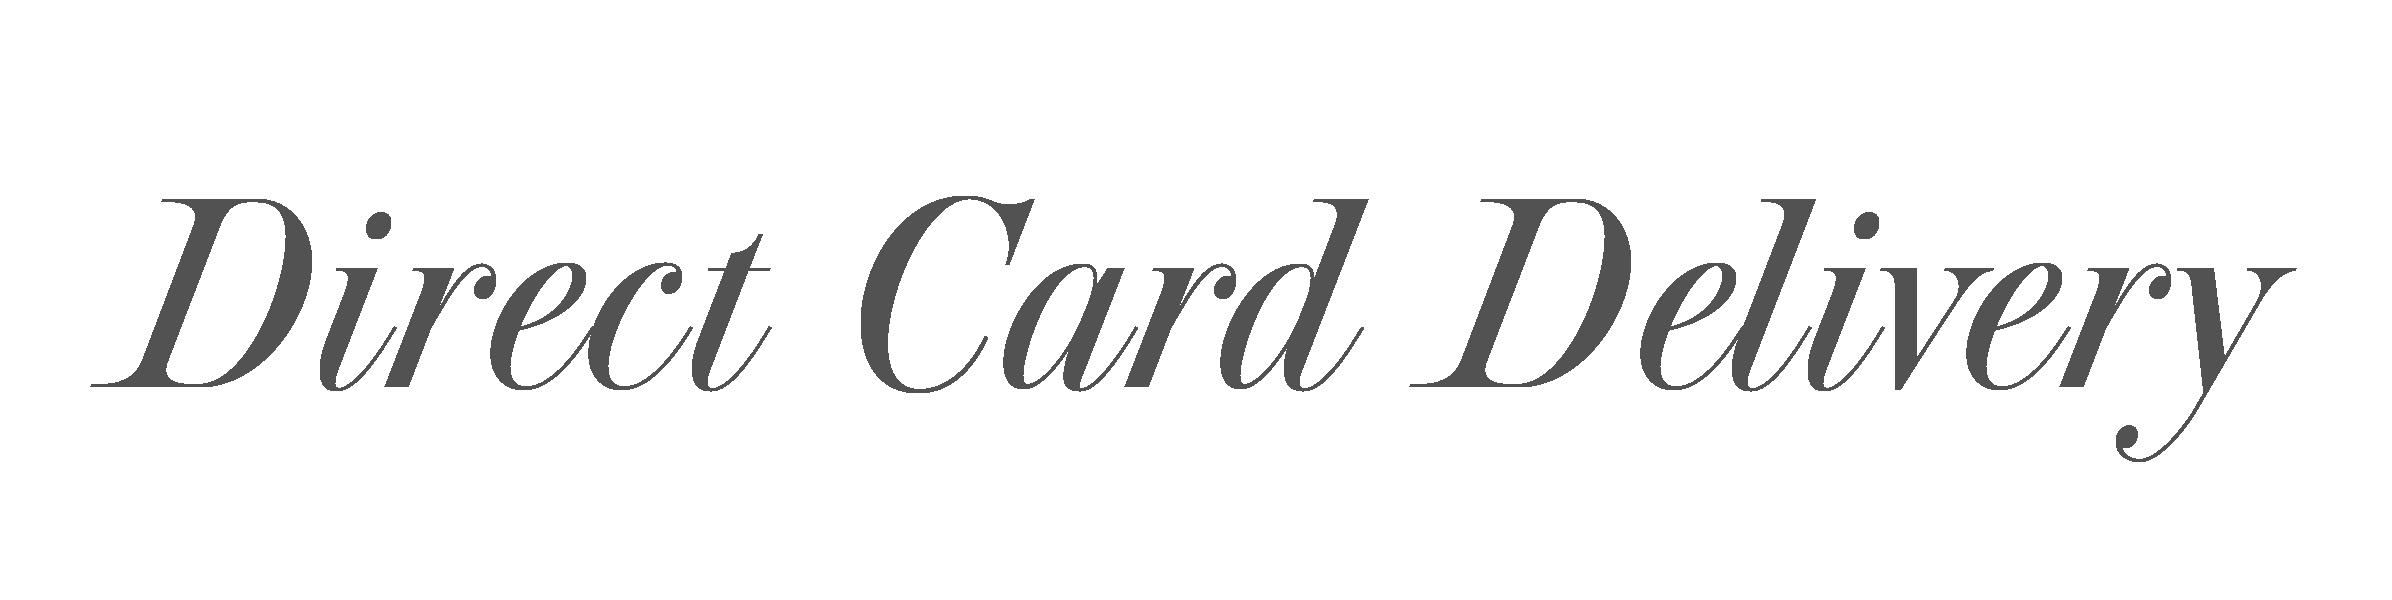 dcd-01.png